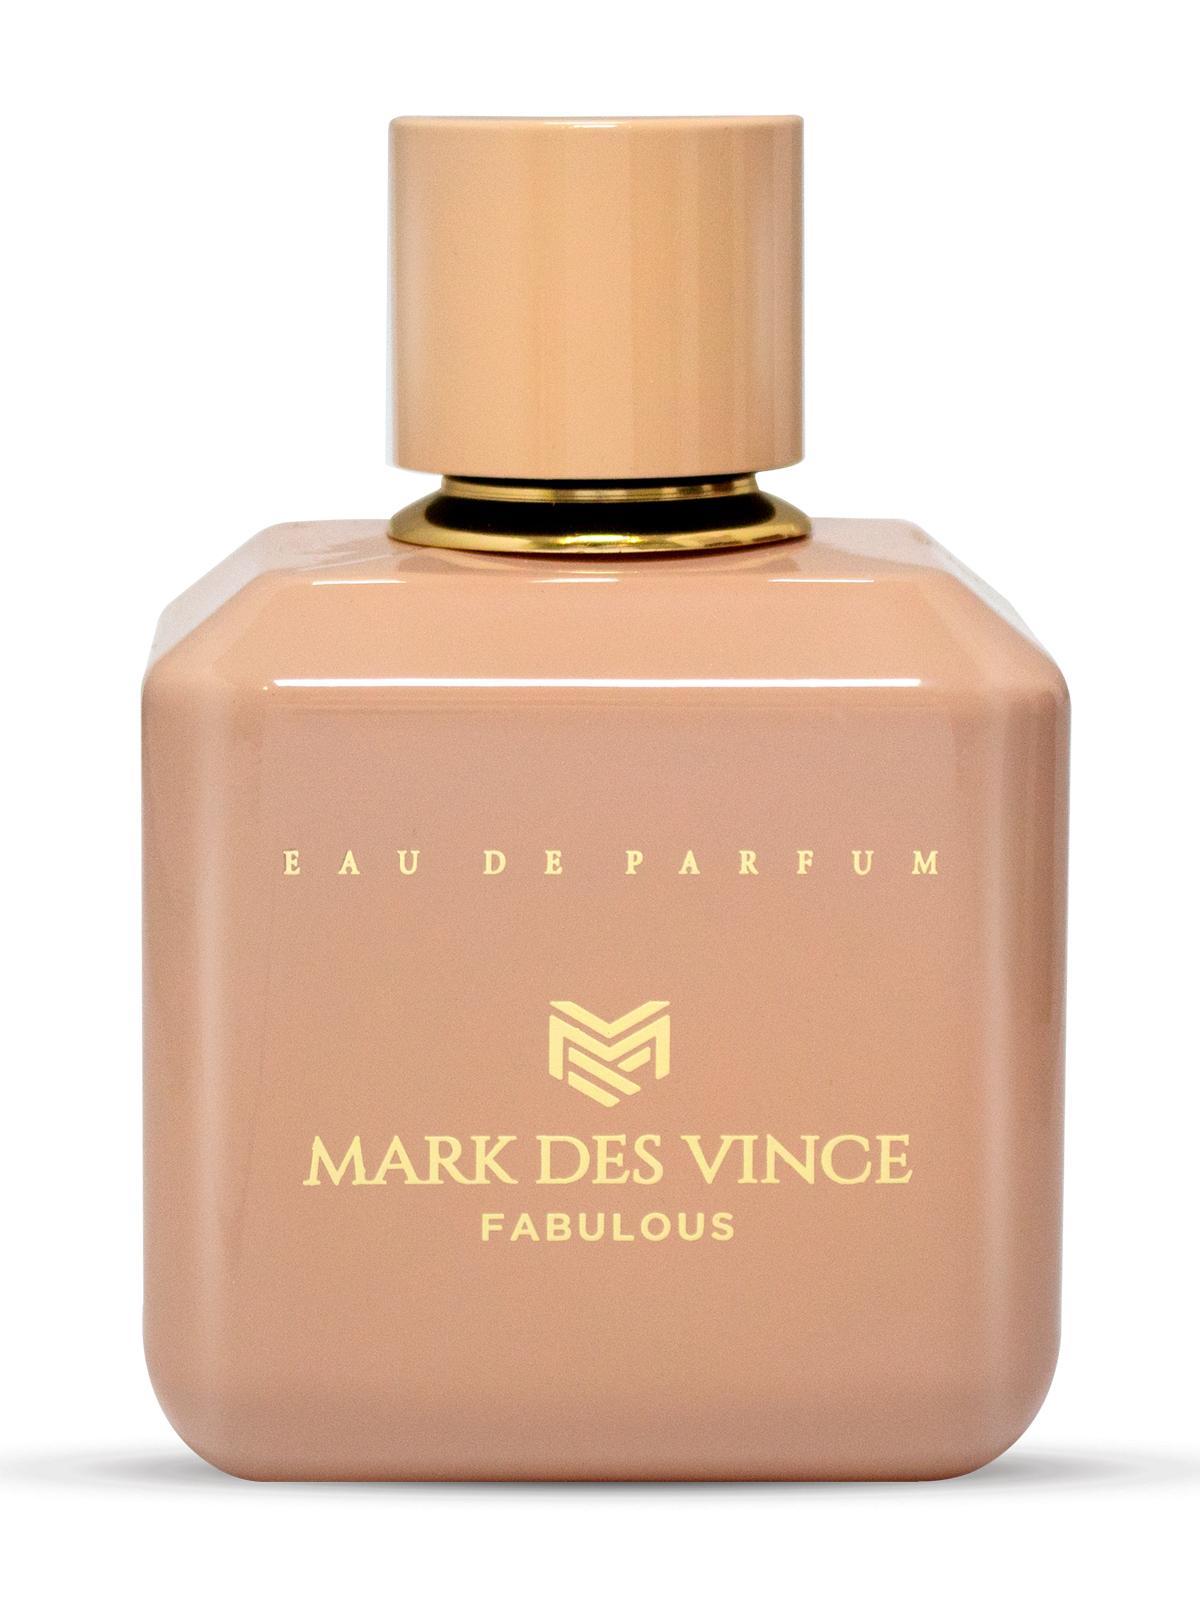 Mark Des Vince Fabulous For Women Eau de Parfum 100ML